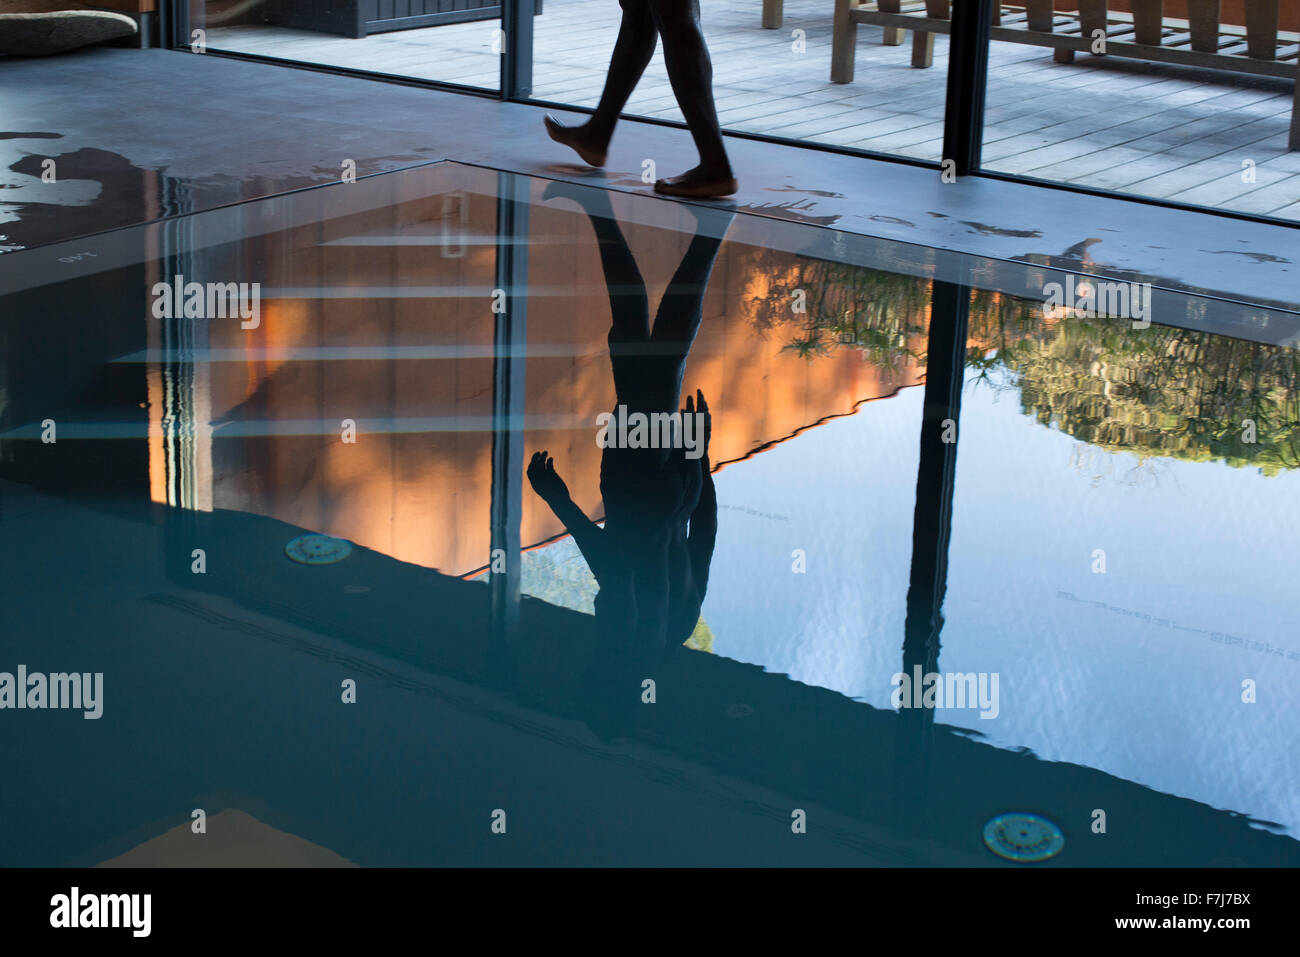 Uomo che cammina accanto alla piscina, riflette sull'acqua Immagini Stock